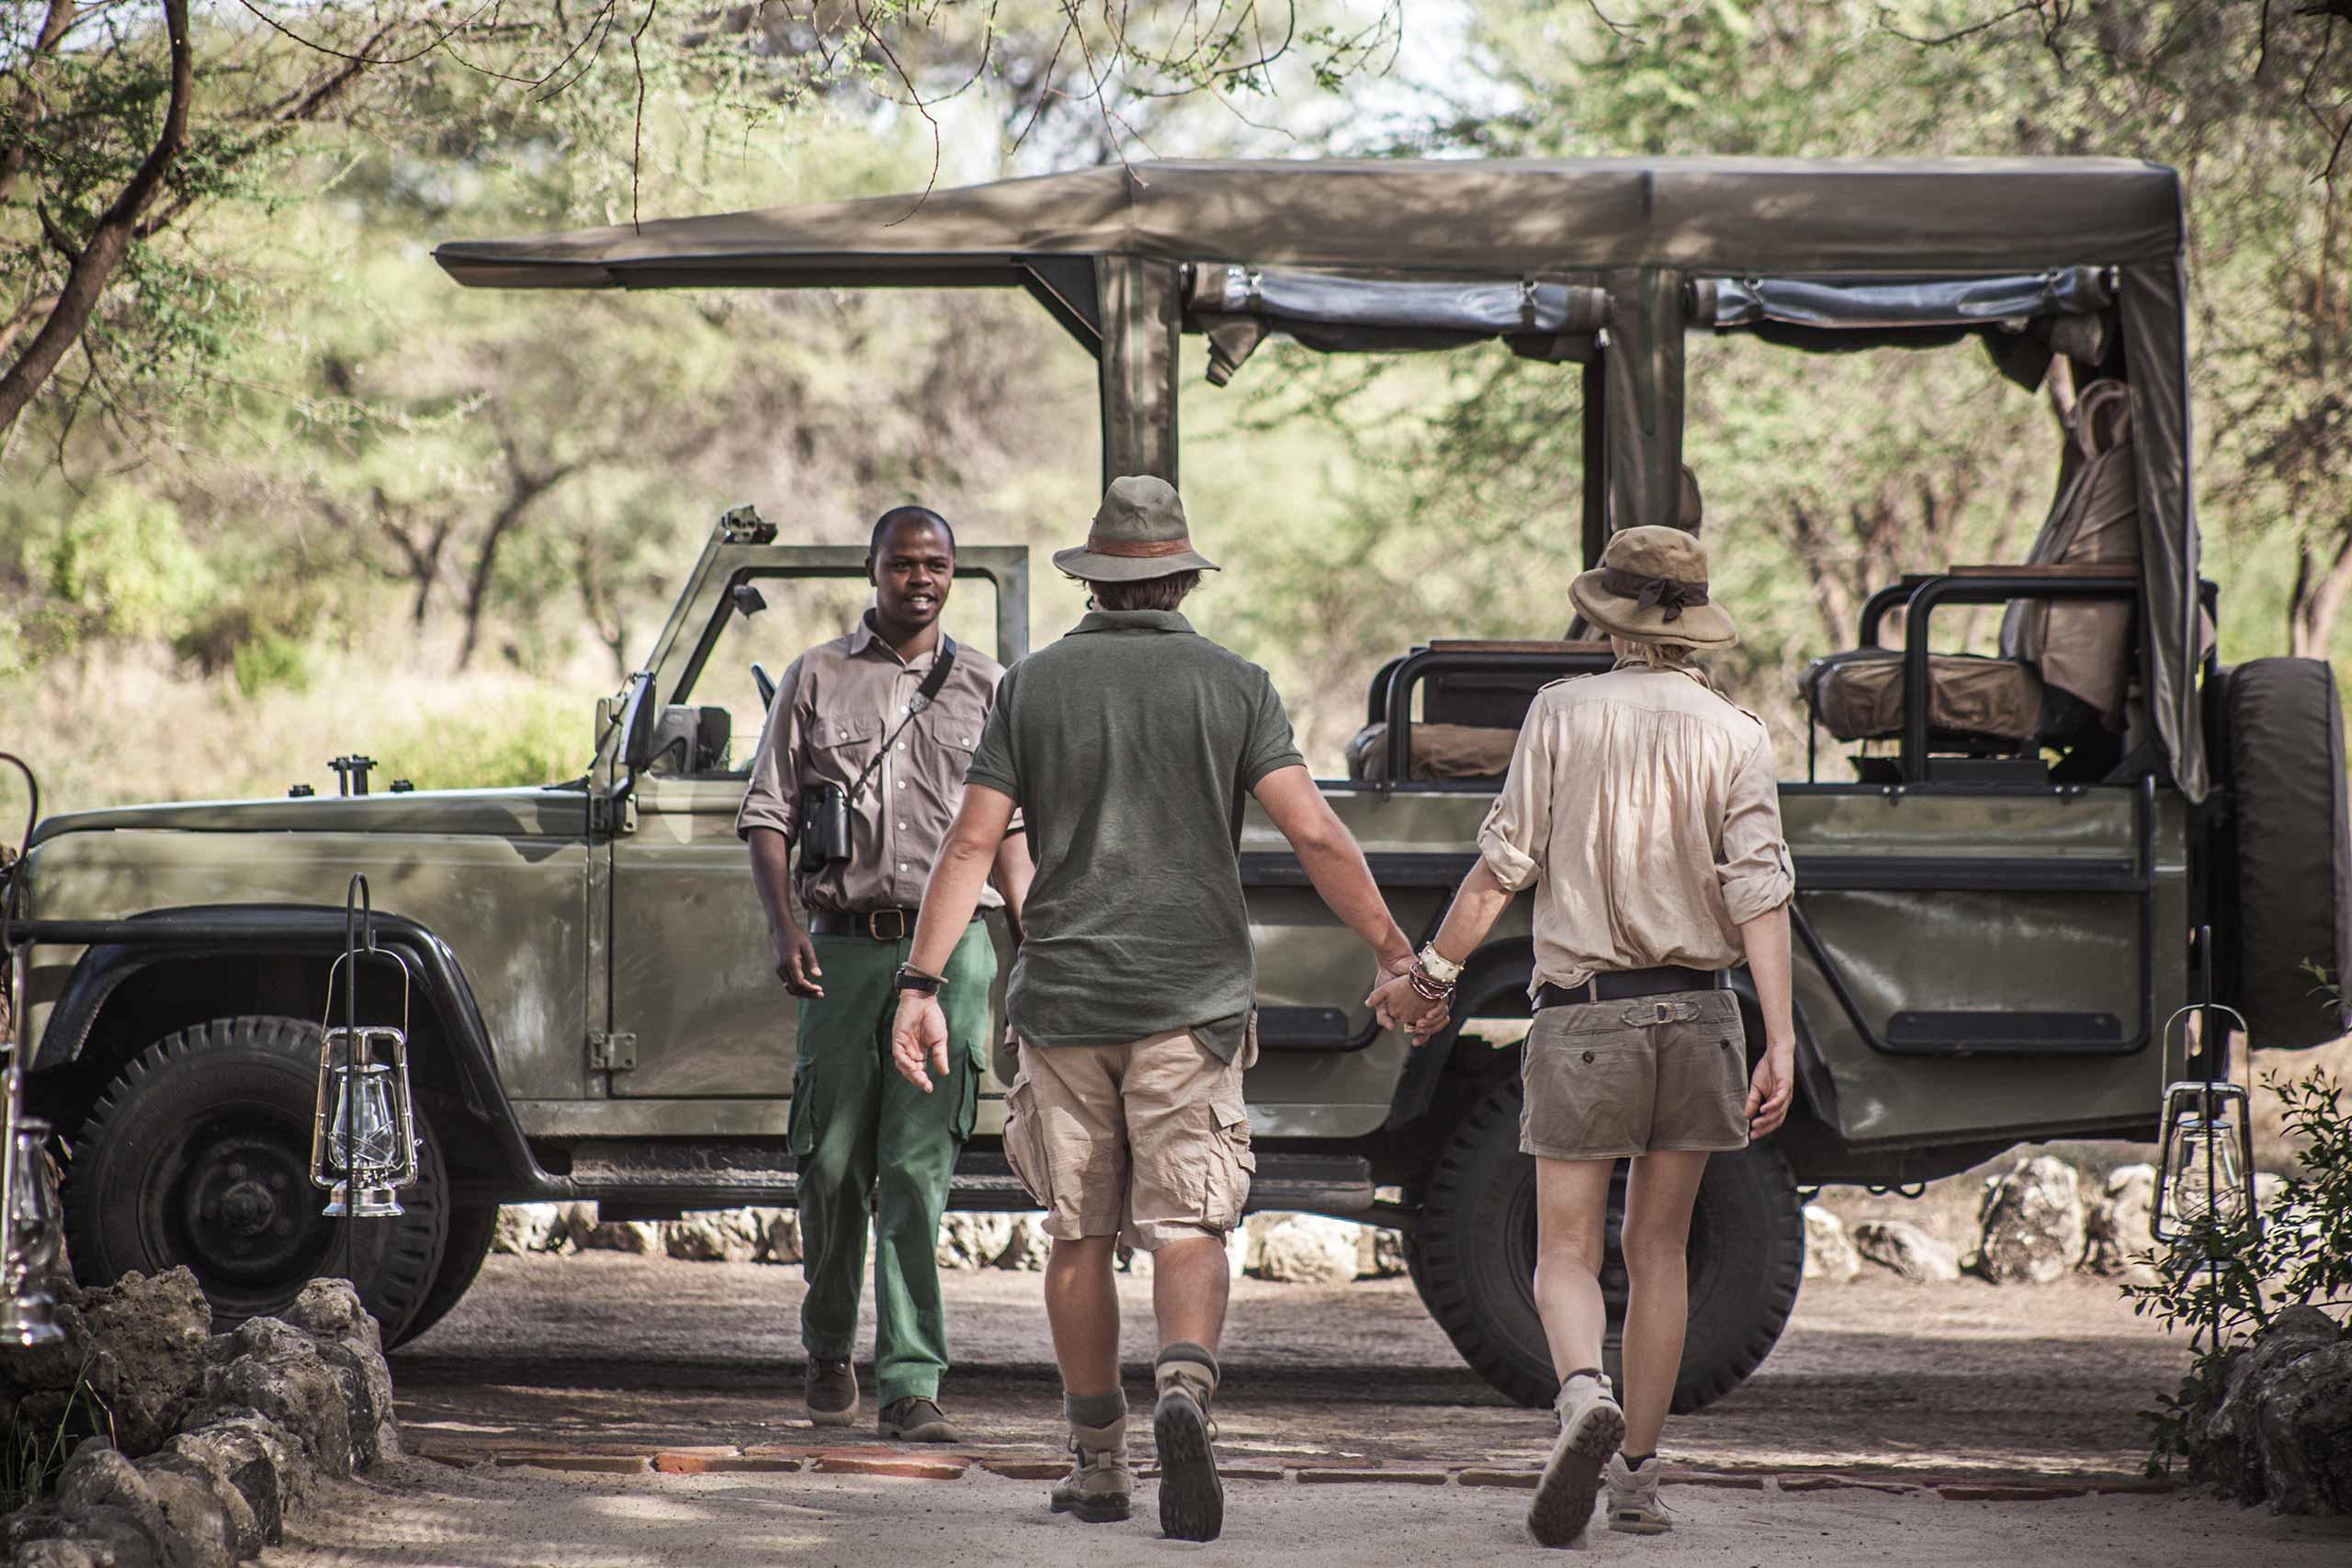 enkosi-africa-safari-tanzania-tarangire-chem-chem-act-alejandragomez-4x4